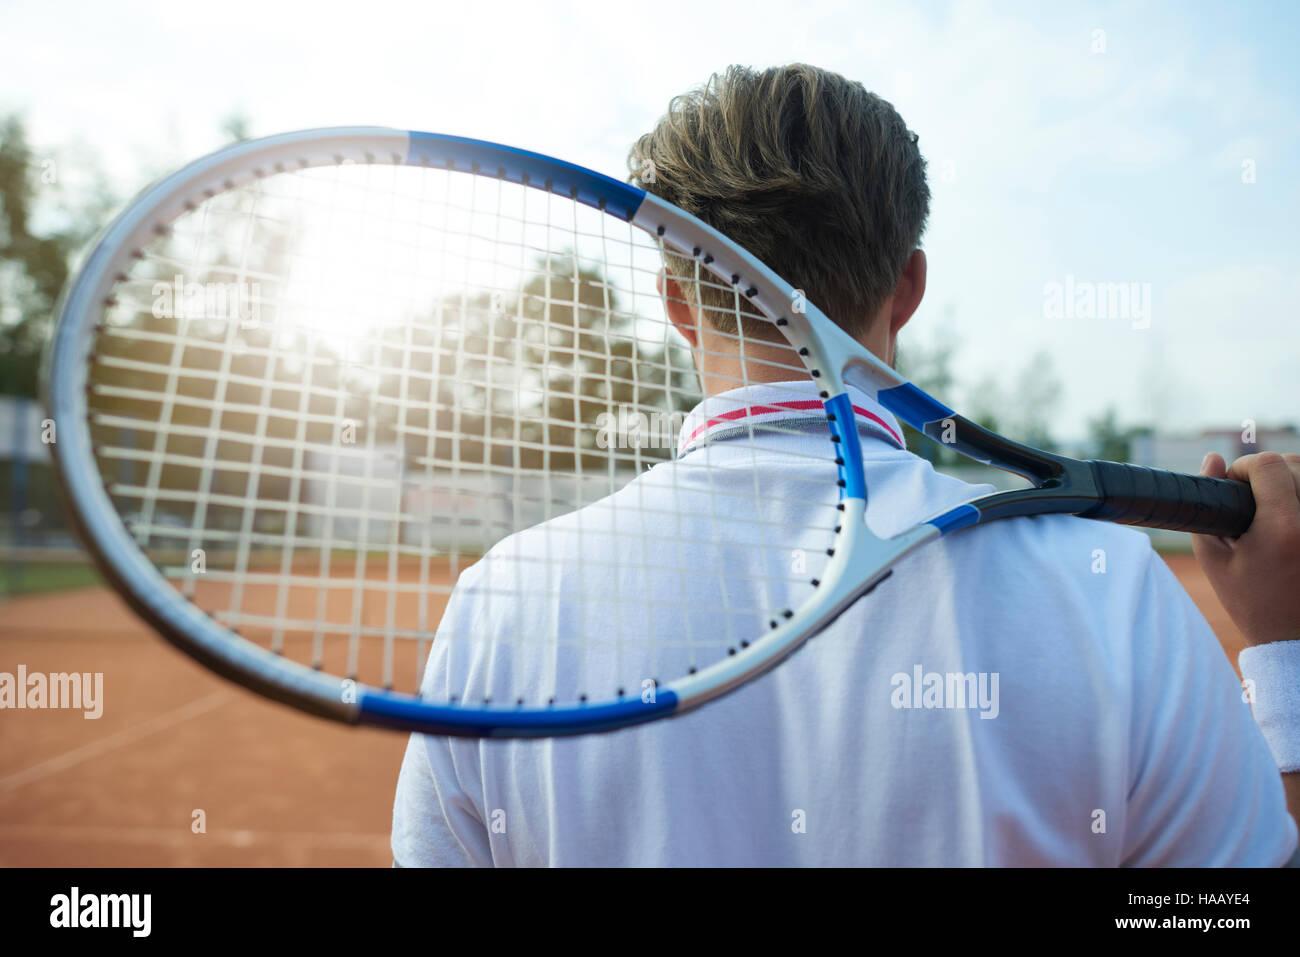 El hombre es la celebración de una raqueta de tenis Imagen De Stock